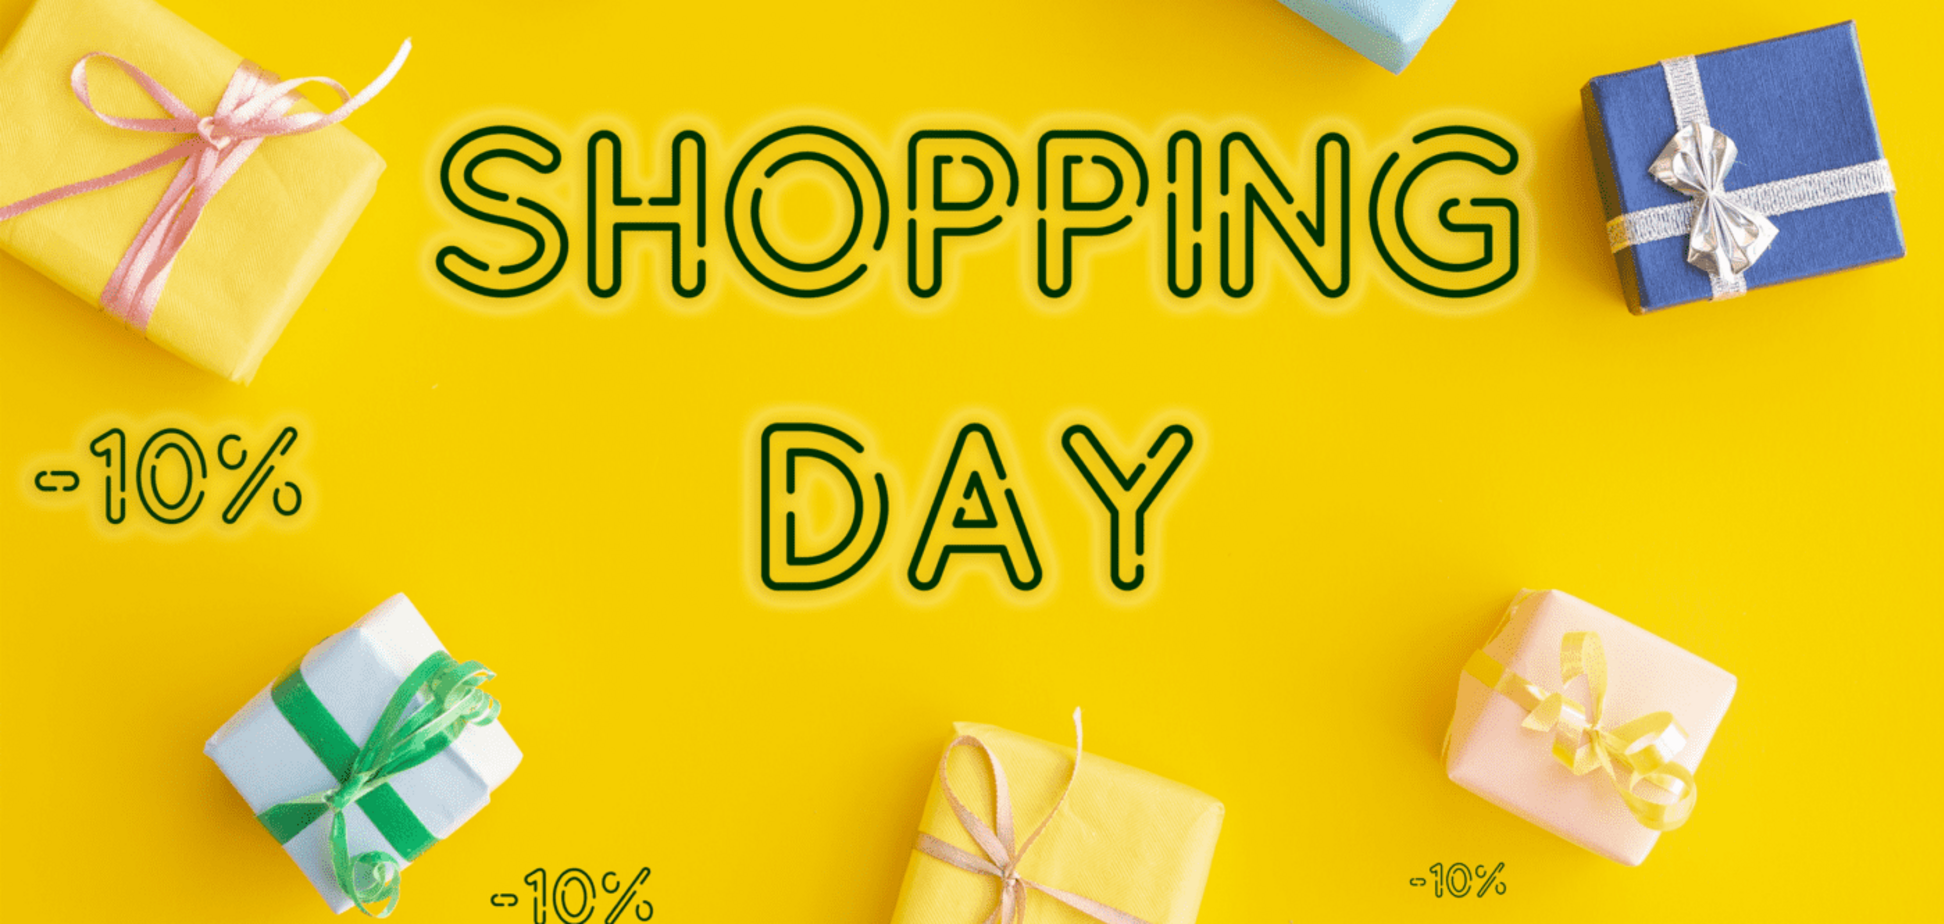 Всемирный день шопинга отмечается с 2009 года